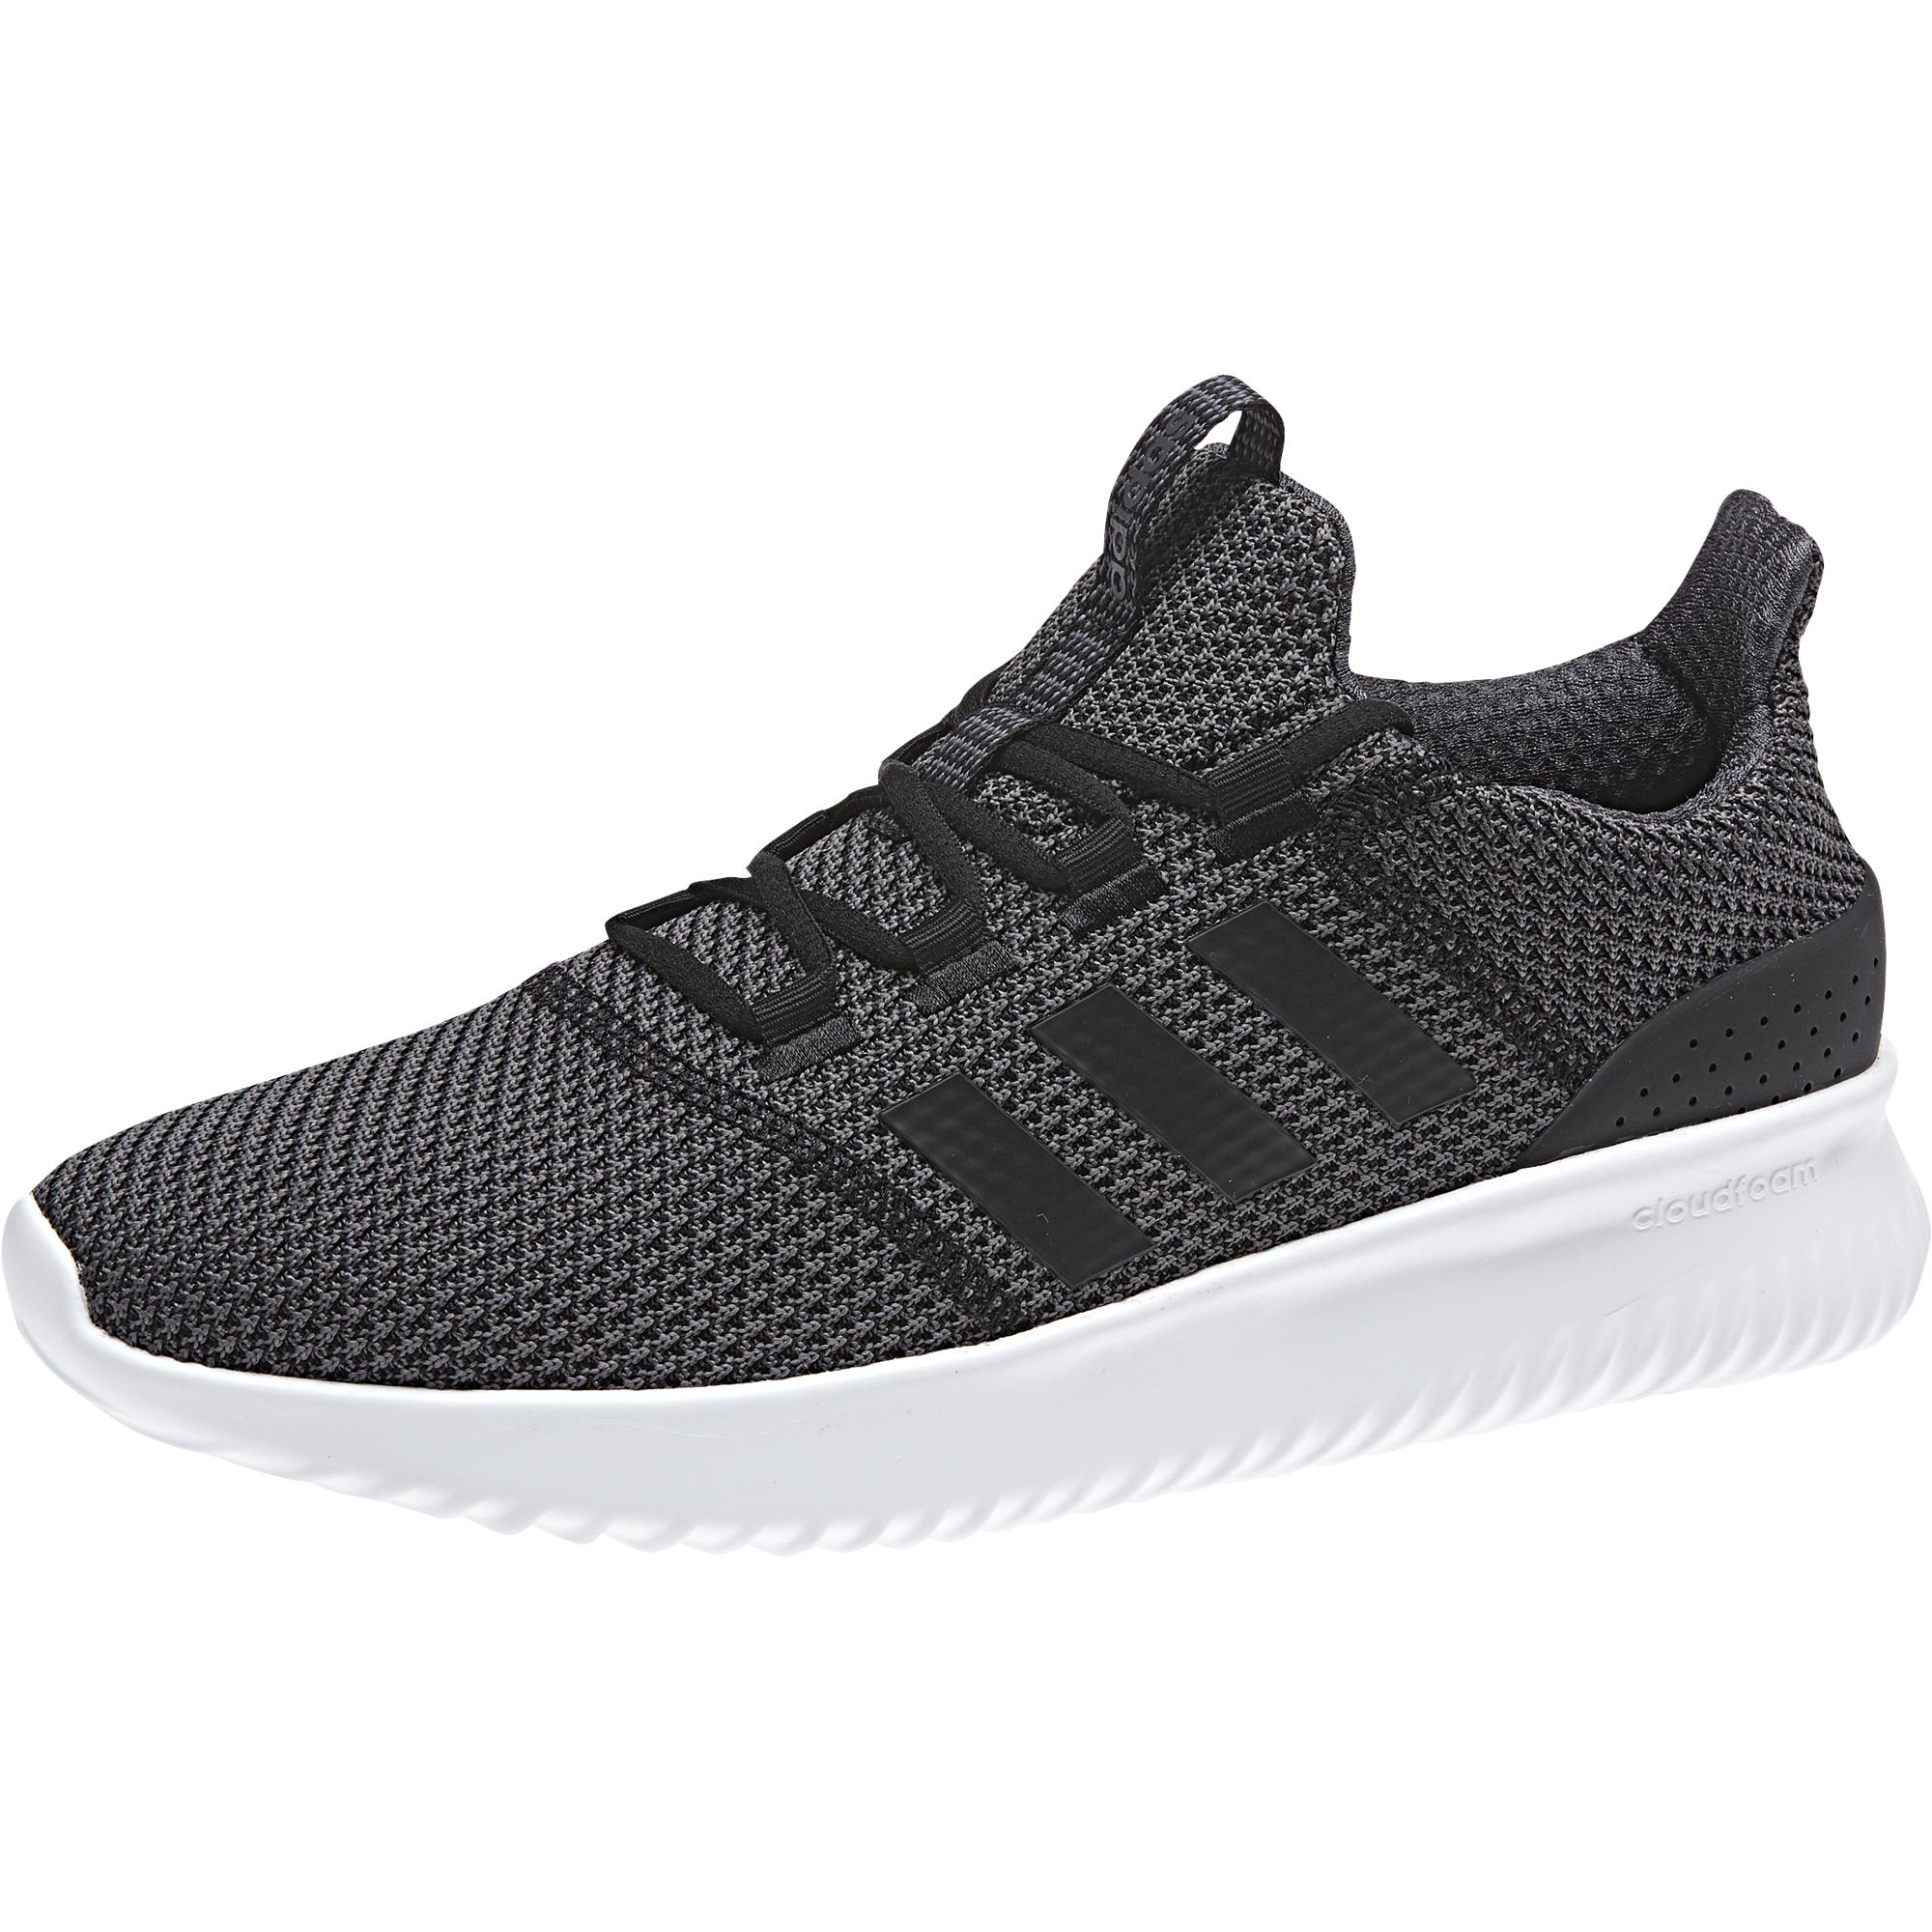 Auswahl Adidas Herren Freizeitschuh Cloudfoam Ultimate